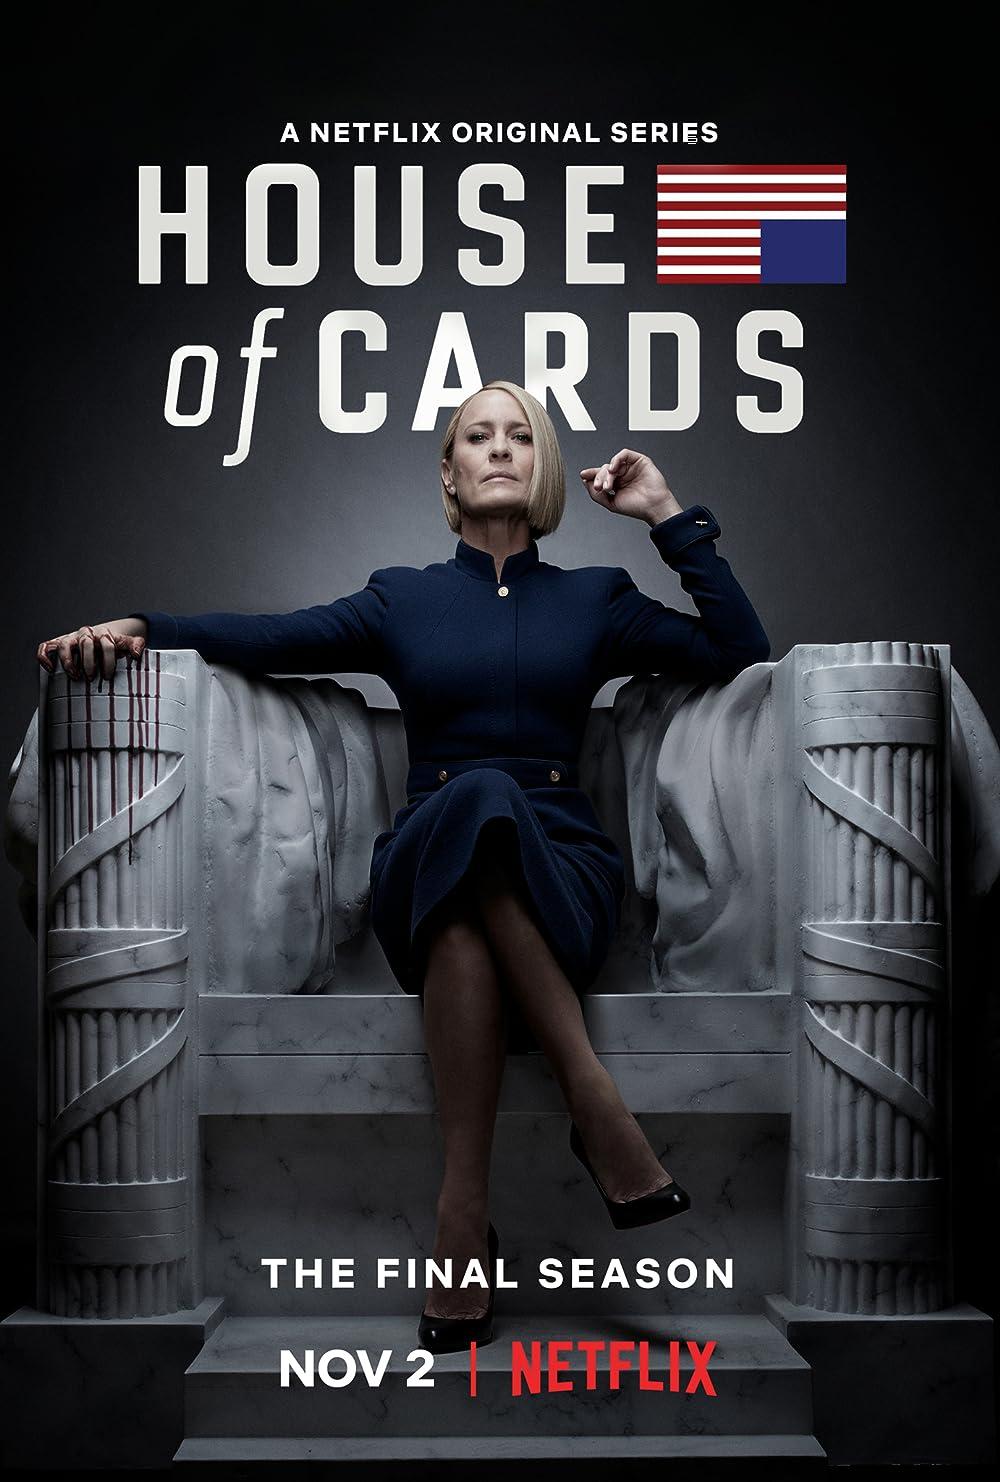 Filmbeschreibung zu House of Cards